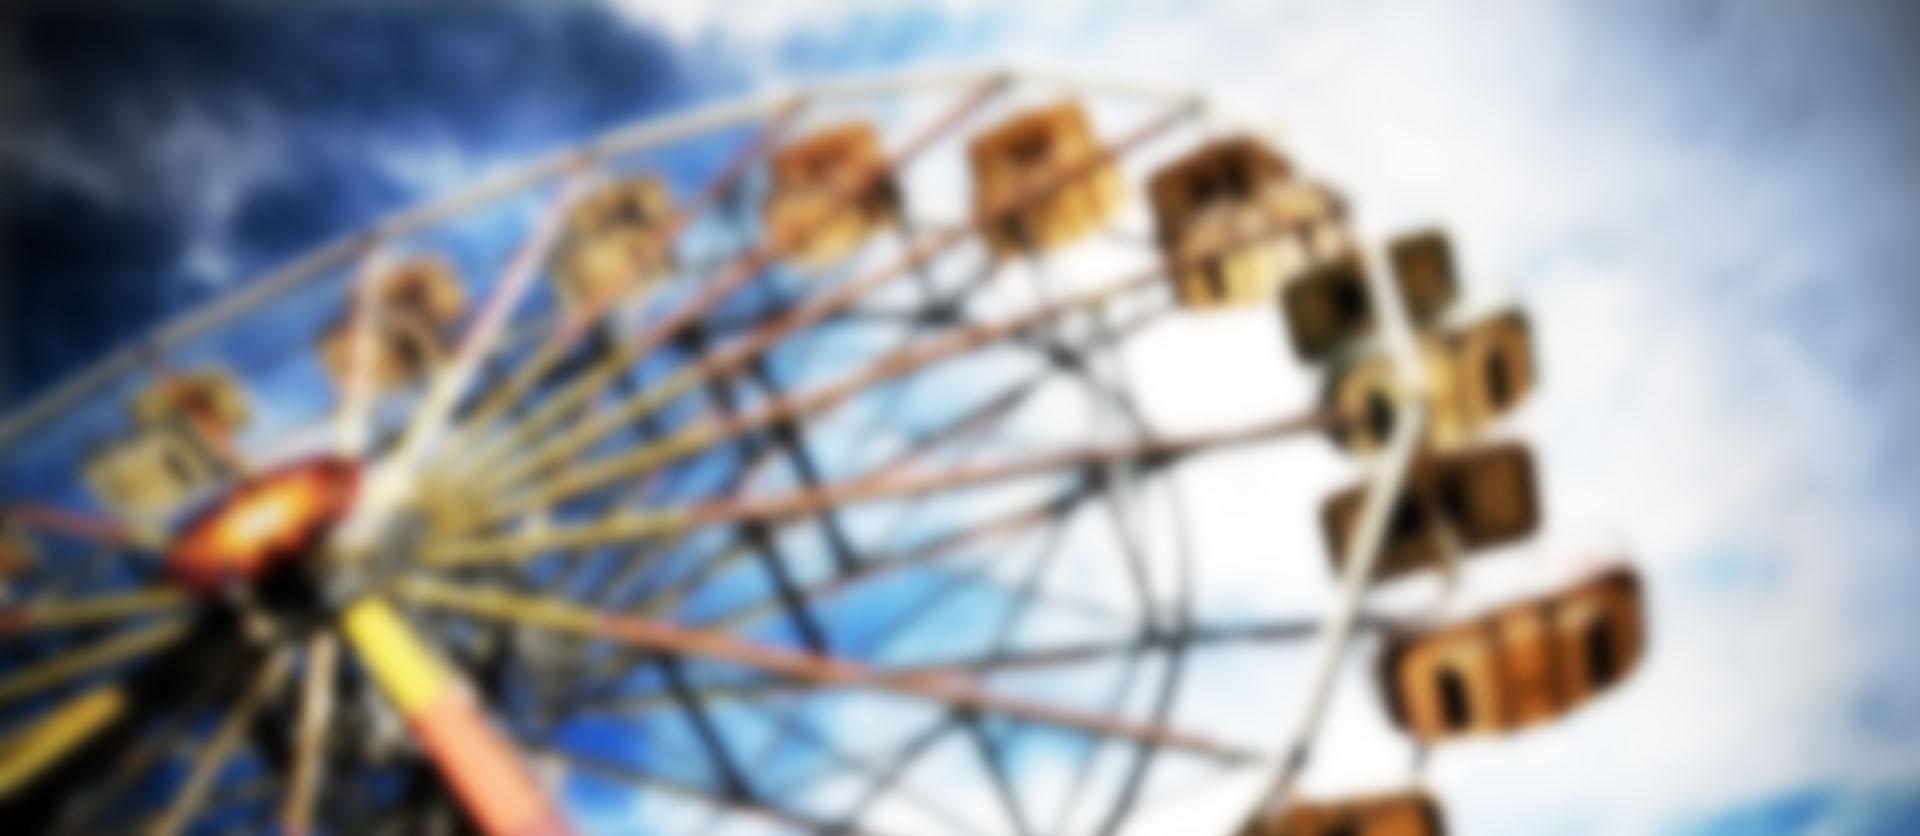 slide1-blur